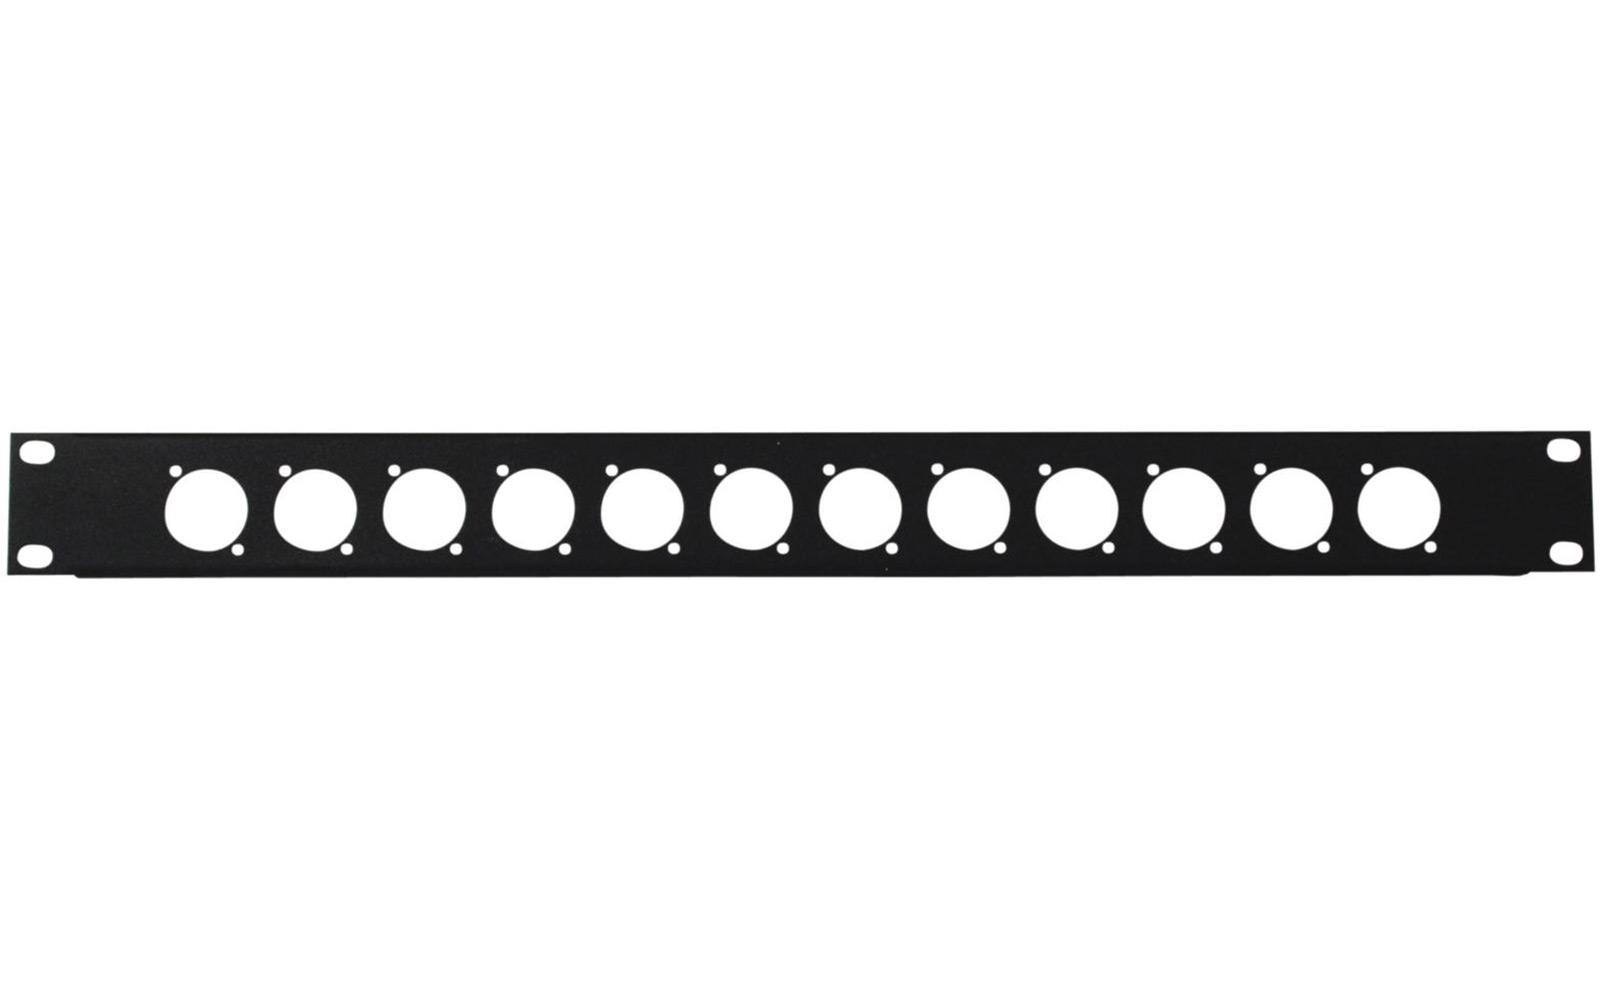 omnitronic-frontplatte-z-19-12-x-xlr-d-typ-1he